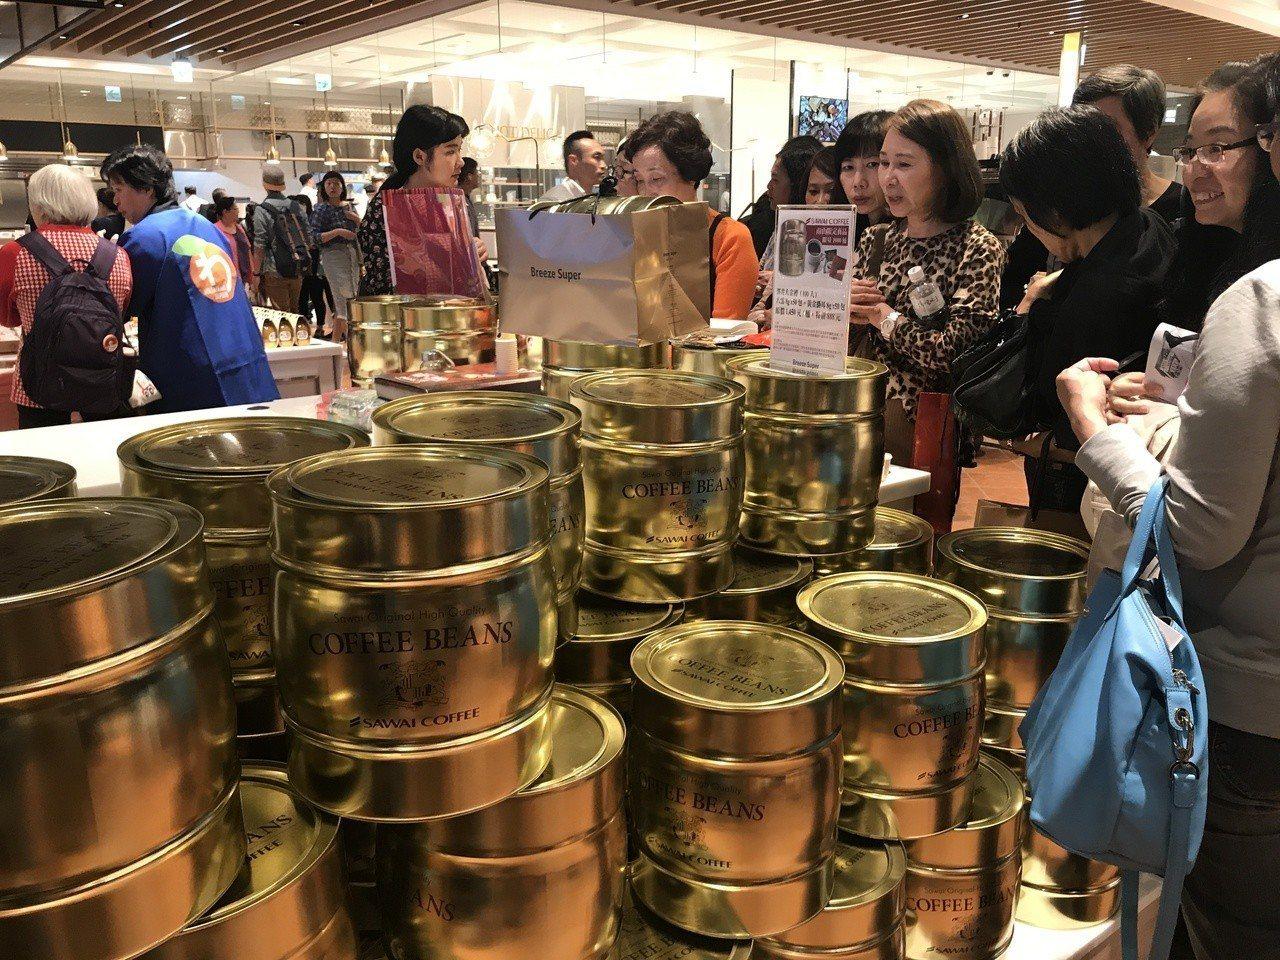 微風超市南山旗艦店,特色商品的多元性吸引消費者造訪。記者江佩君/攝影